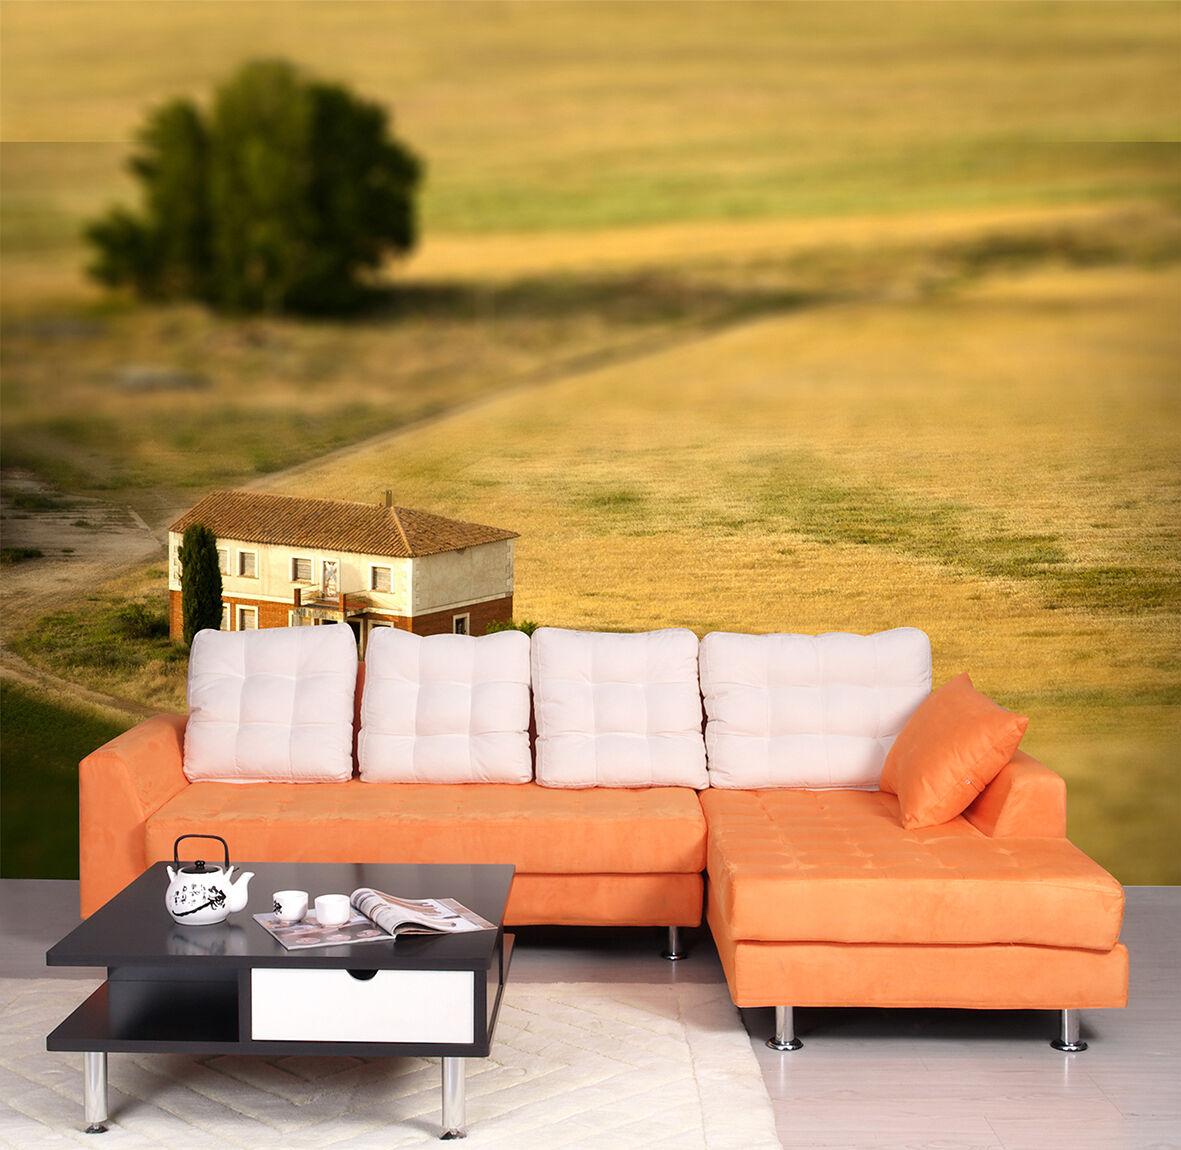 3D Terreno Albero.Parete Murale Foto Carta da parati immagine sfondo muro stampa